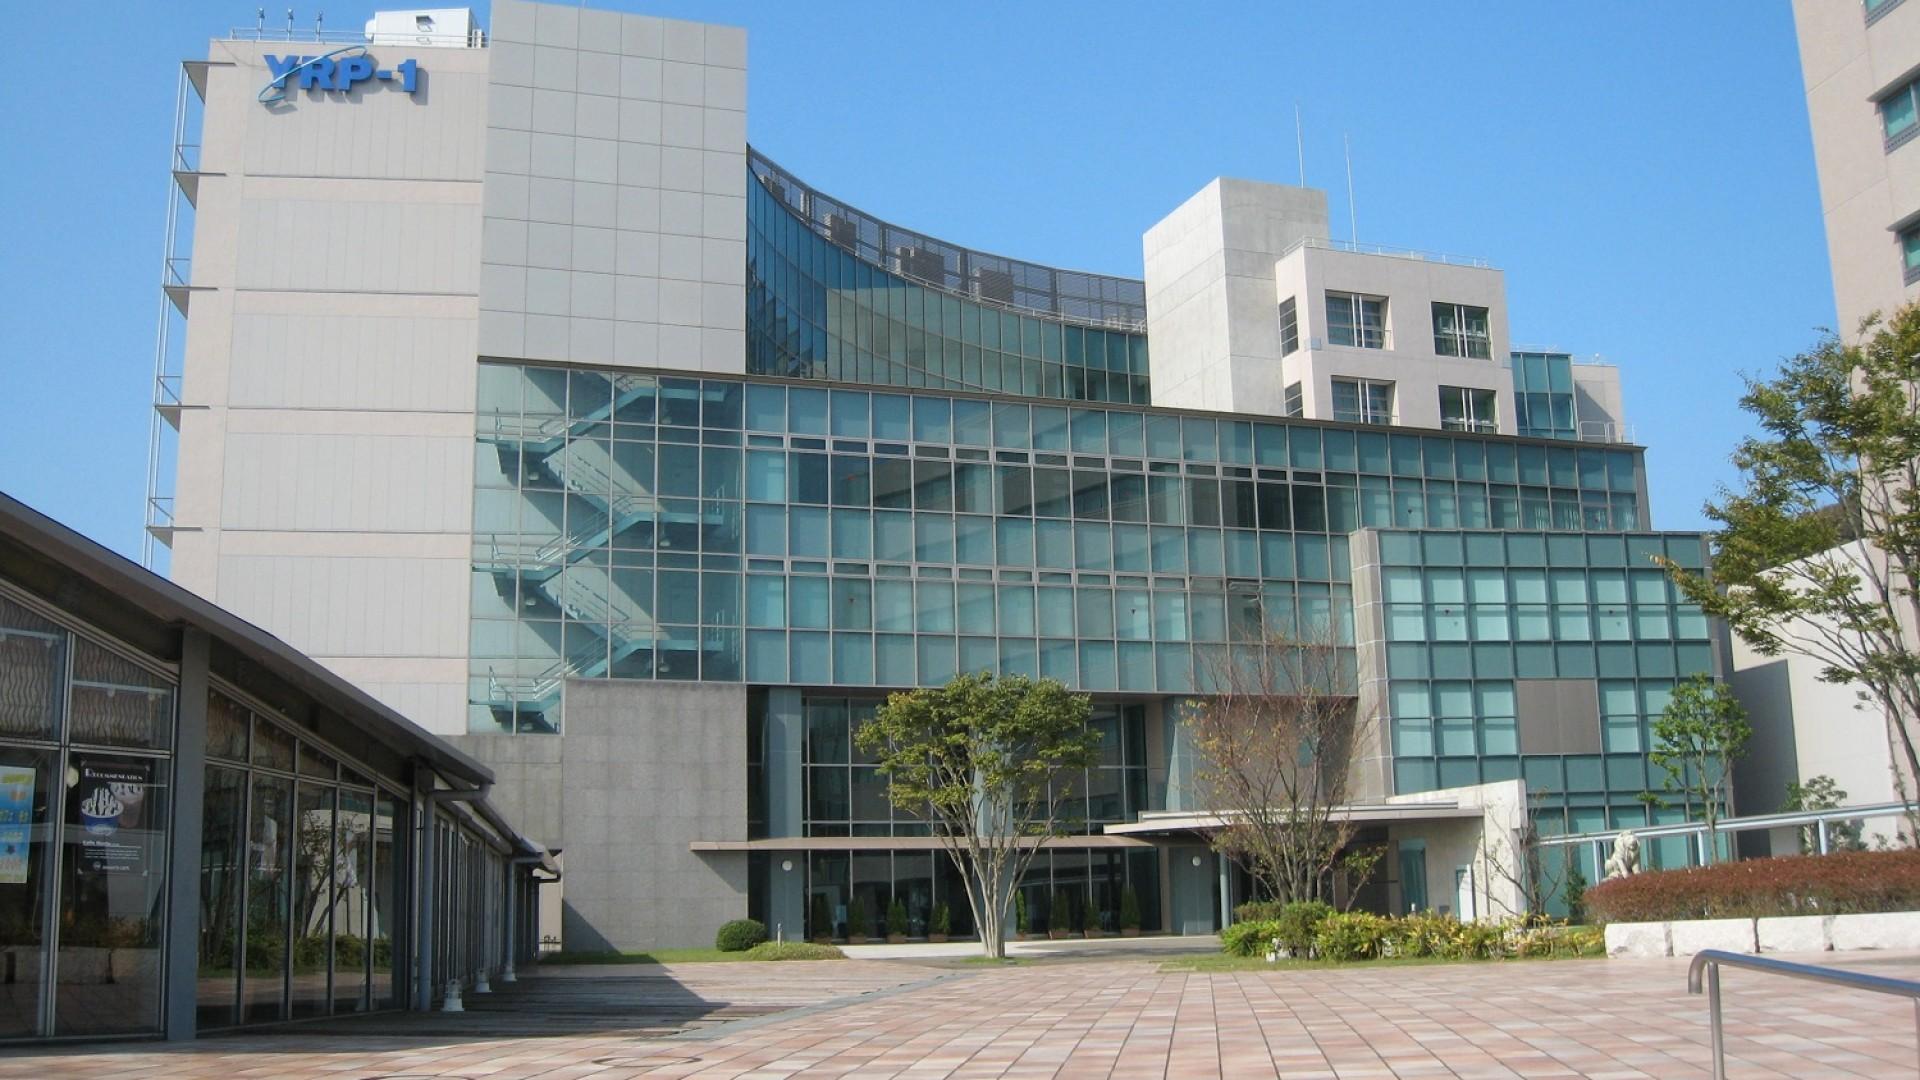 横须贺电讯研究园区〔YRP中心 1号馆〕